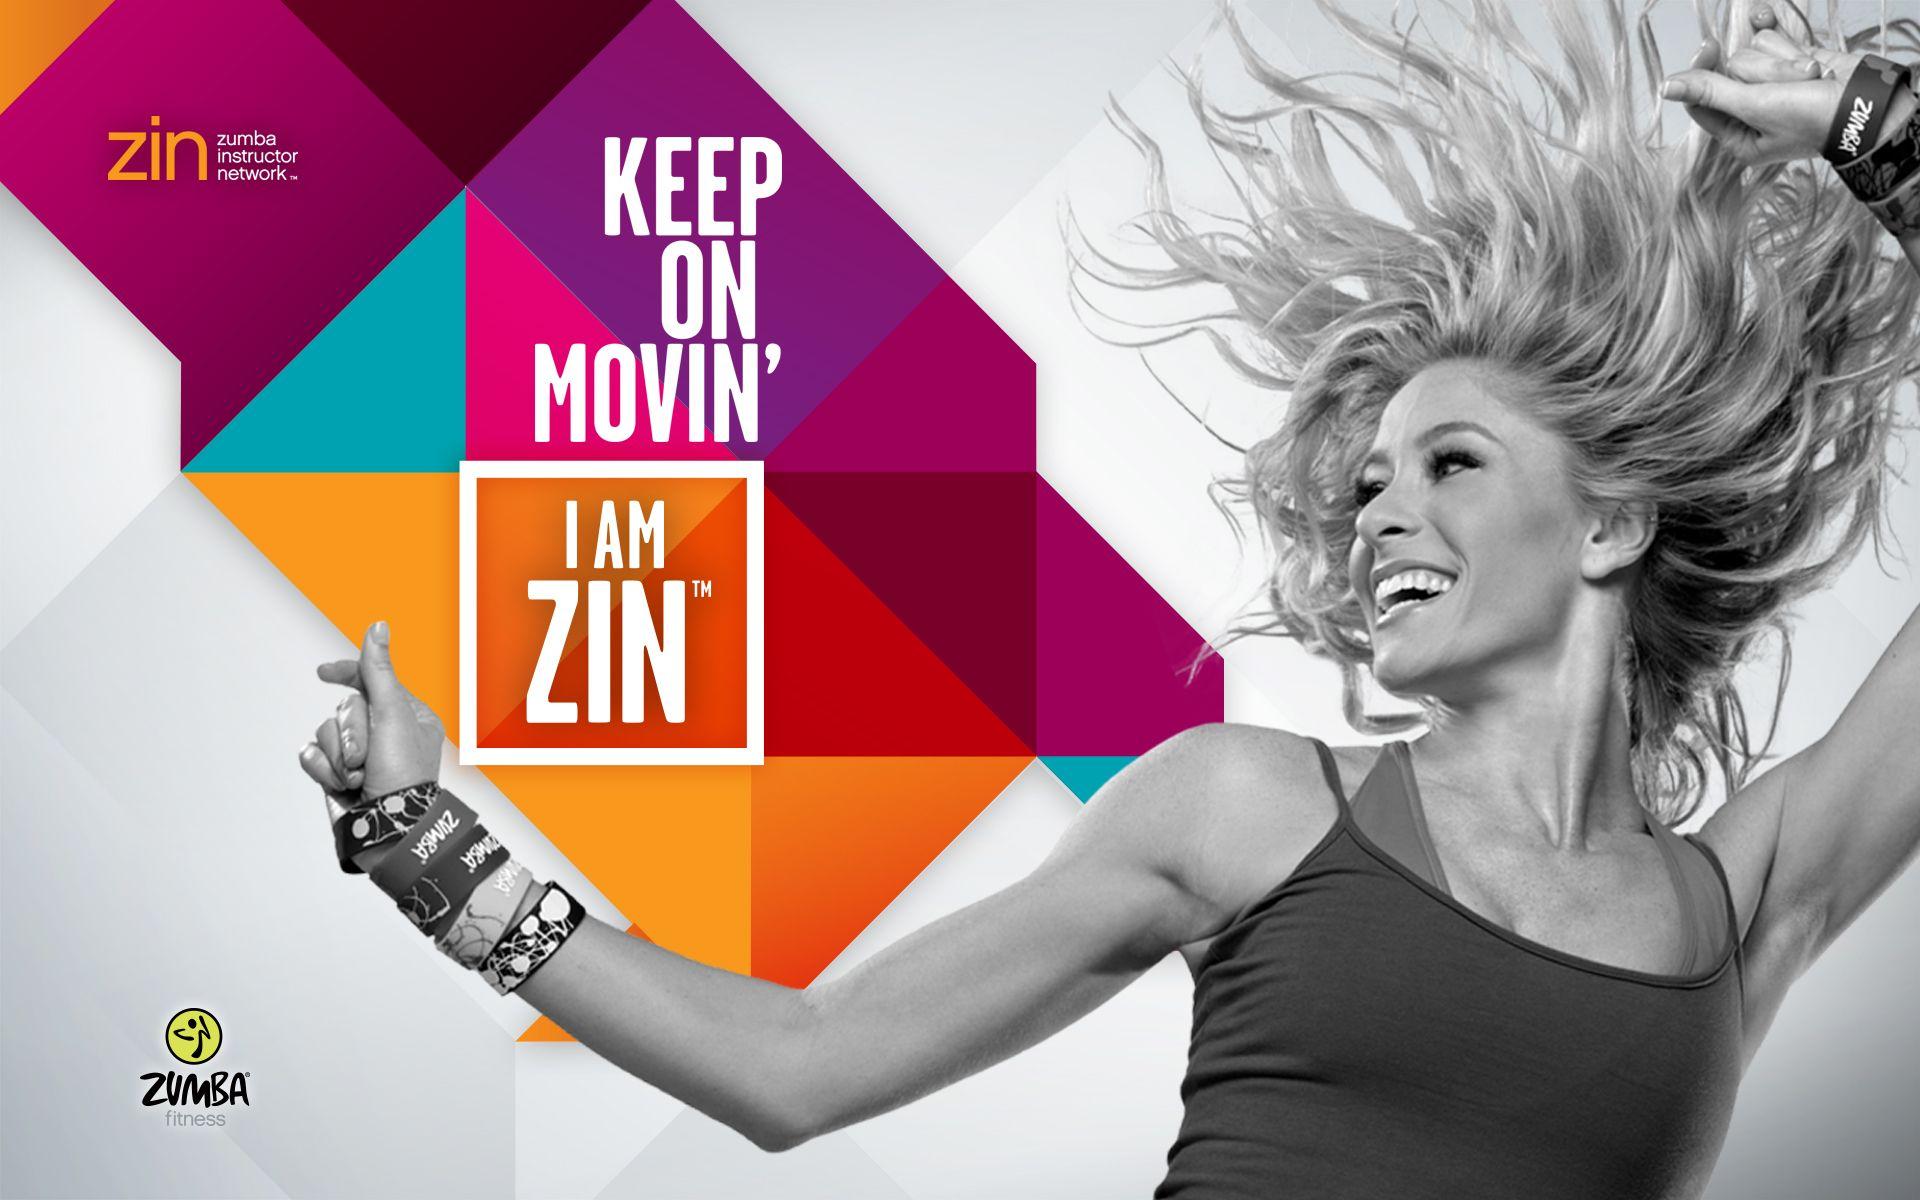 I AM ZIN